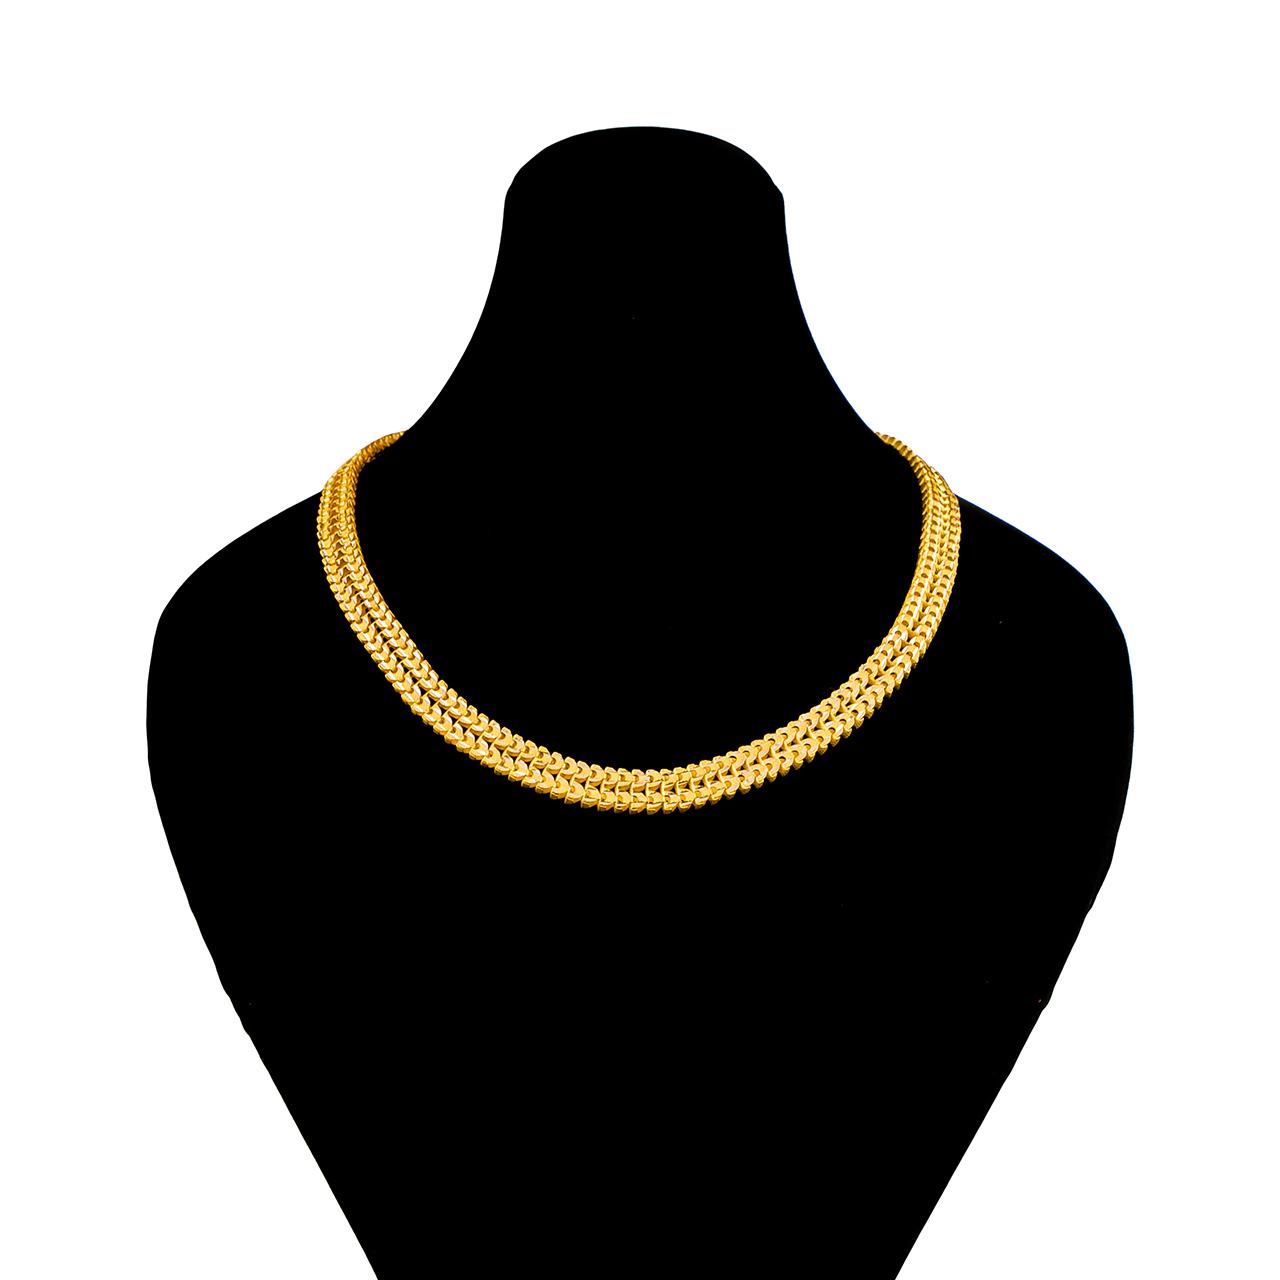 قیمت زنجیر طلا 18 عیار گالری طلاچی مدل پهن